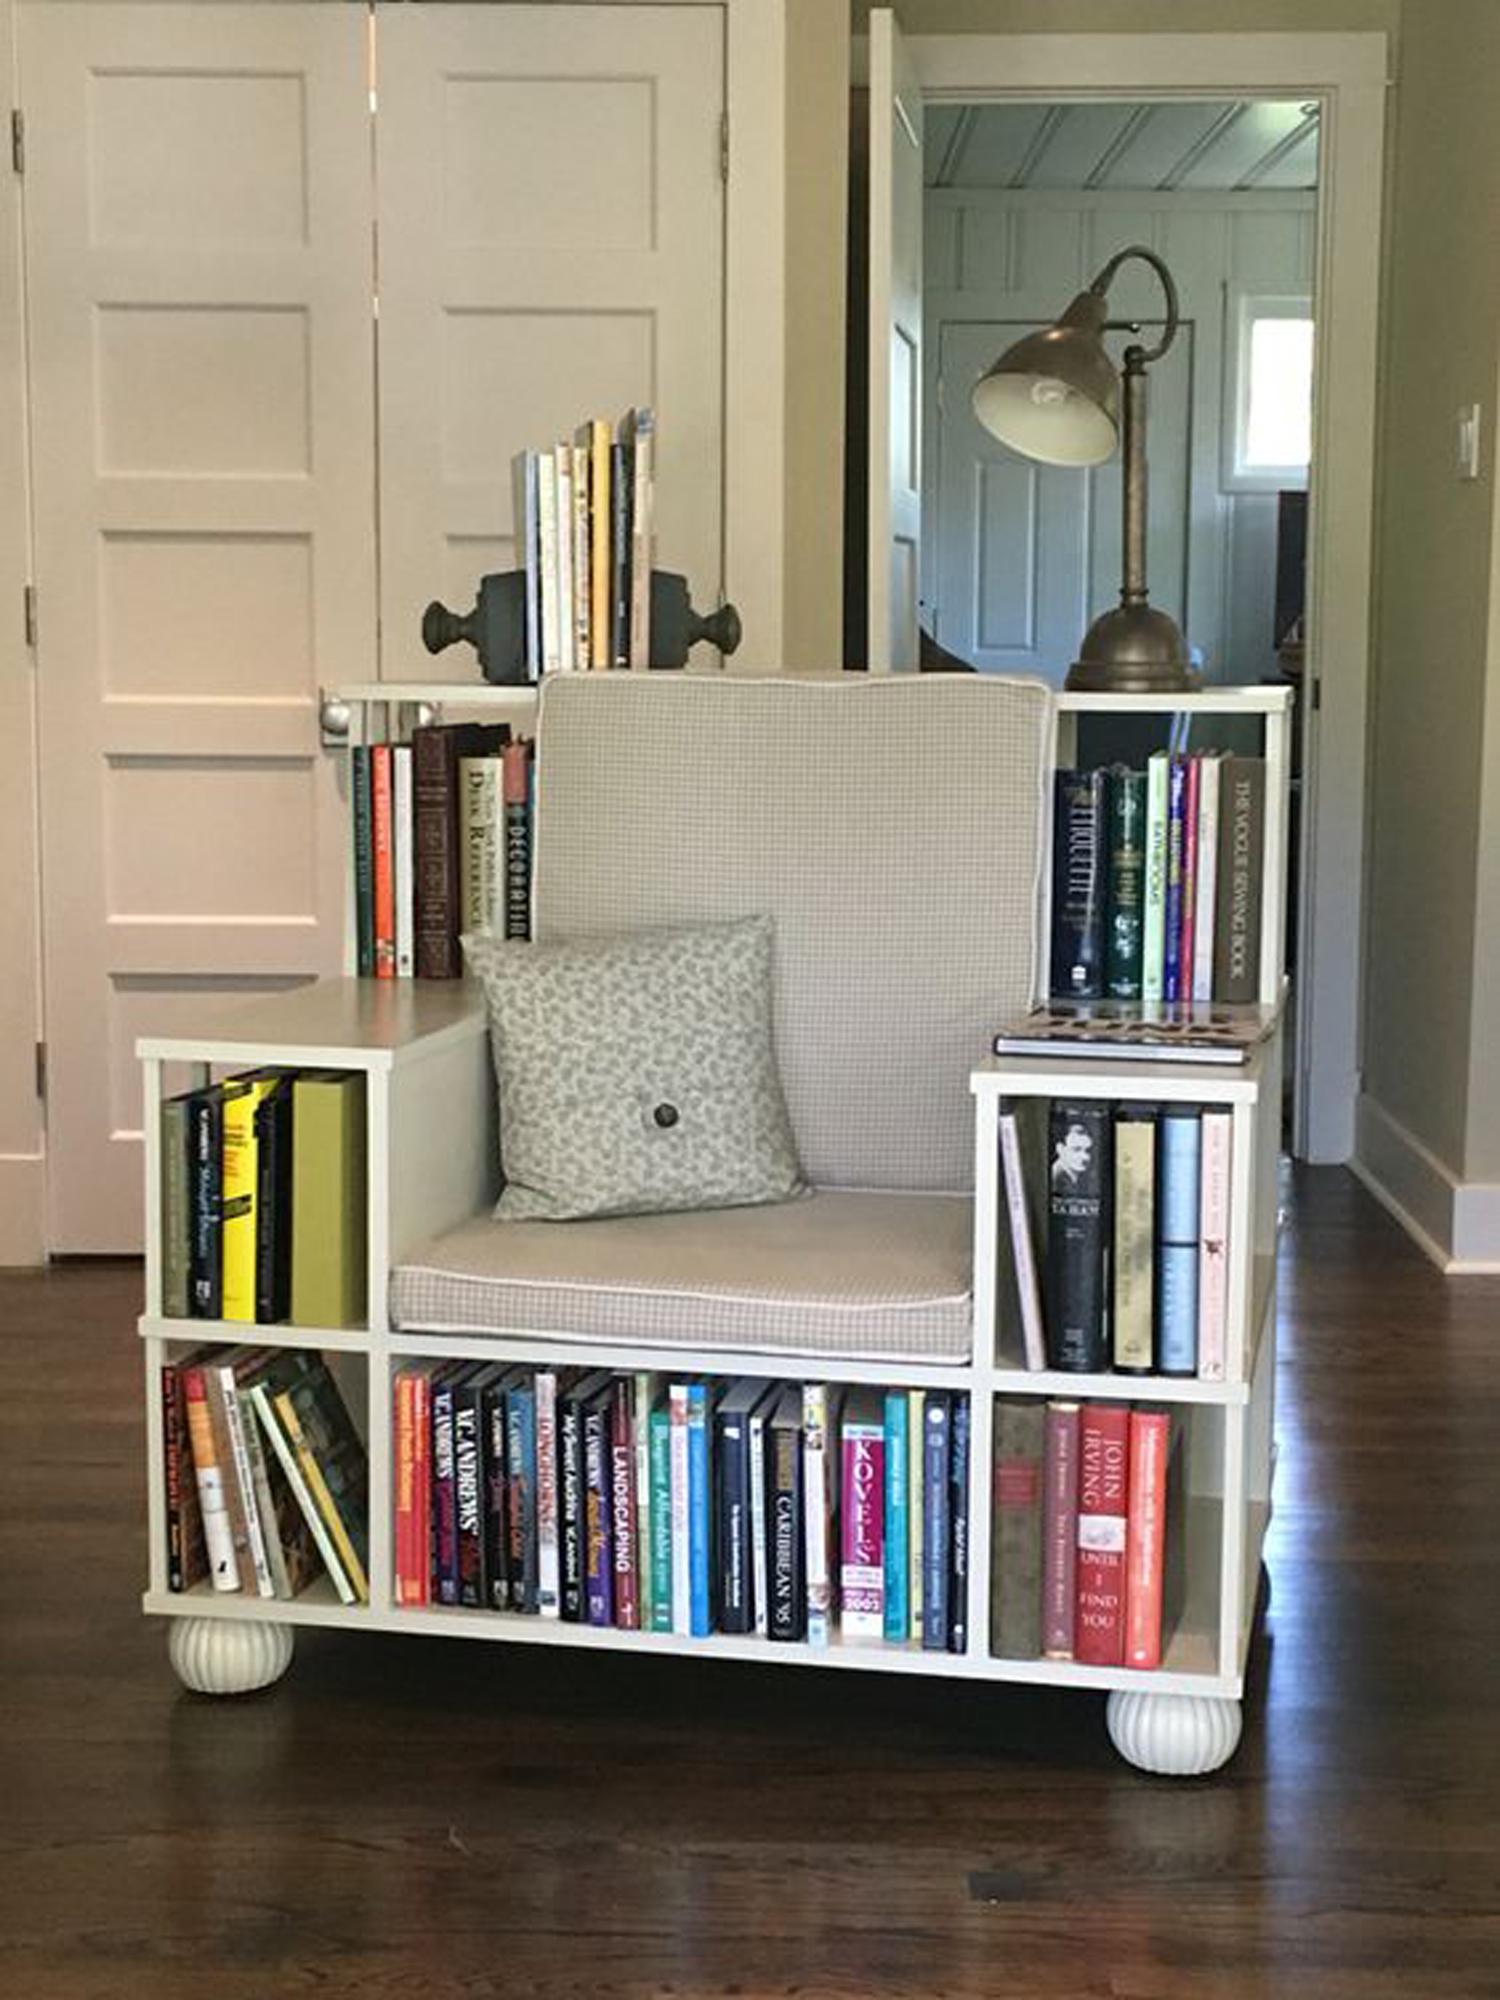 Βιβλιοθήκη και πολυθρόνα, δύο σε ένα